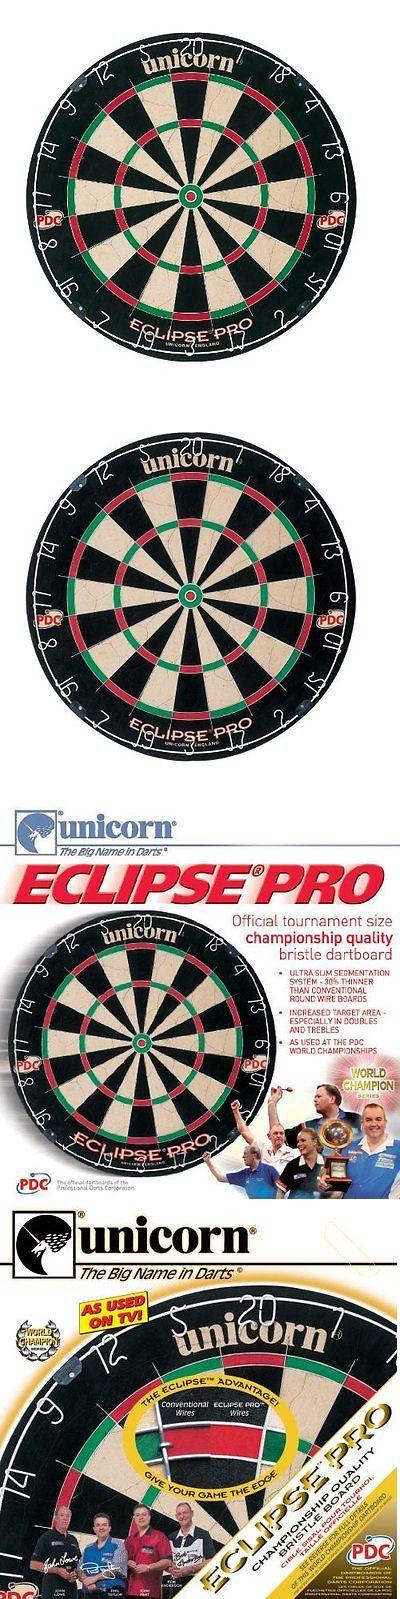 Dart Boards 72576: Unicorn Eclipse Pro Dart Board -> BUY IT NOW ONLY: $41.47 on eBay!